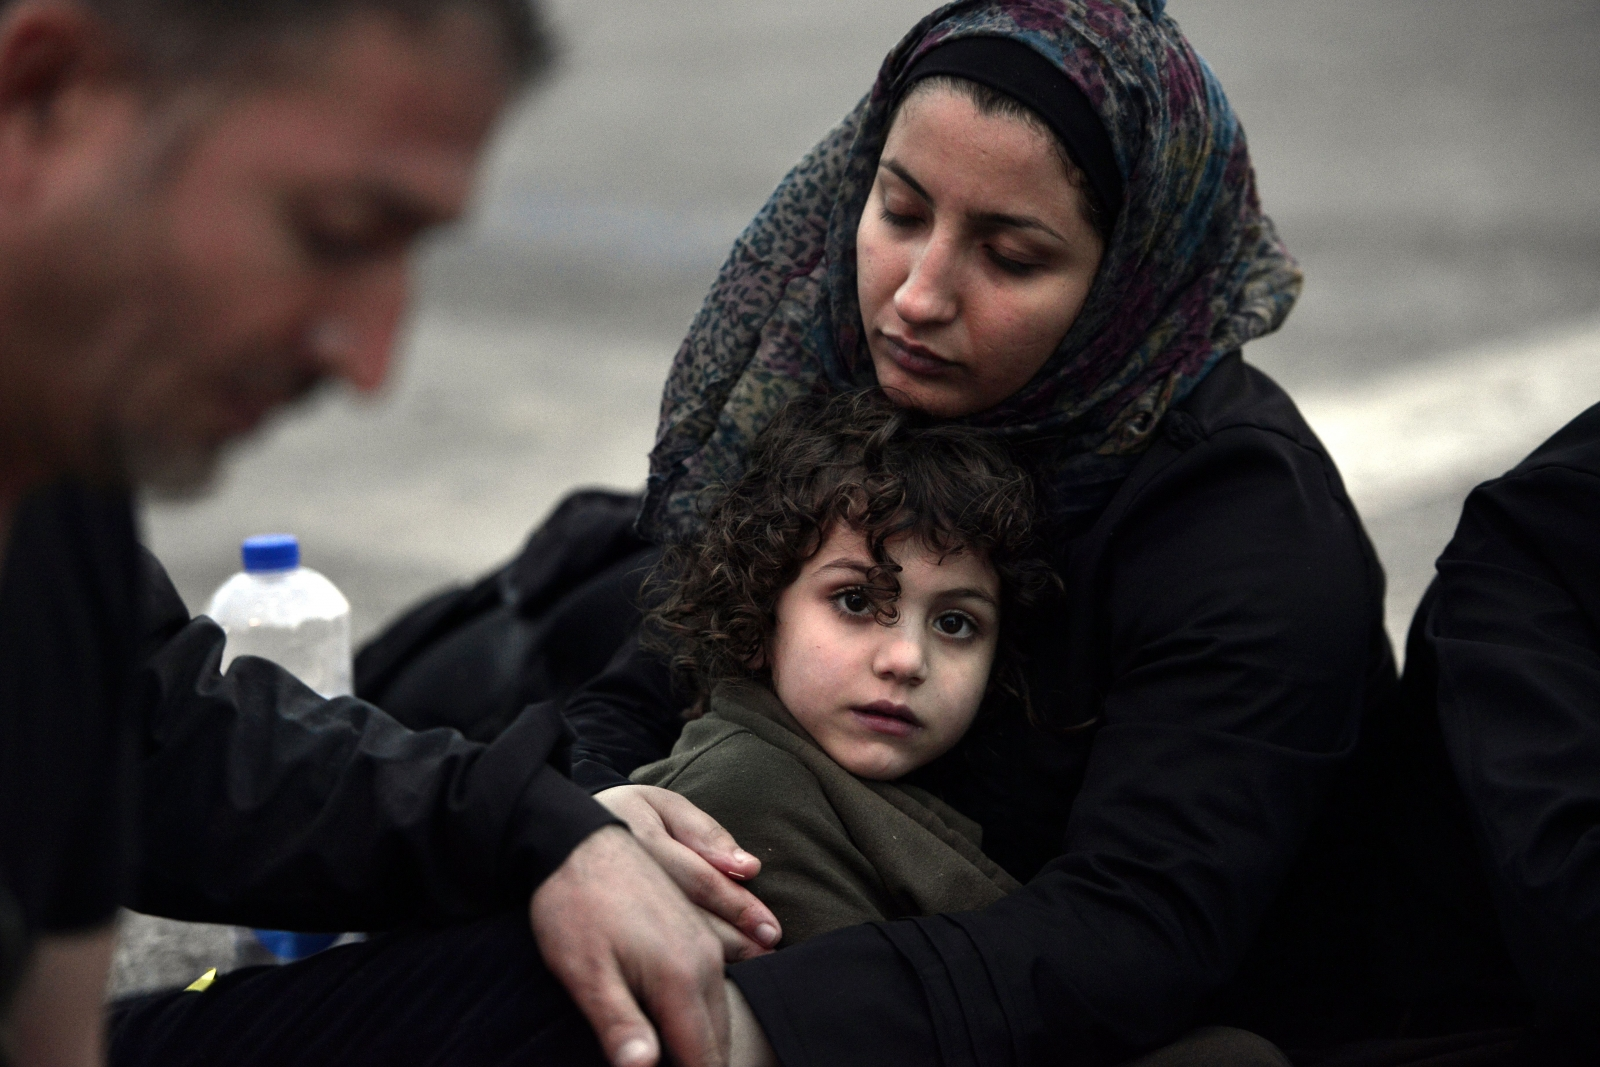 Suriye'de TSK'nın ambulansına saldırı! Keskin nişancı teröristler ateş açtı! Hasta bebek ve annesinden ne istediniz?